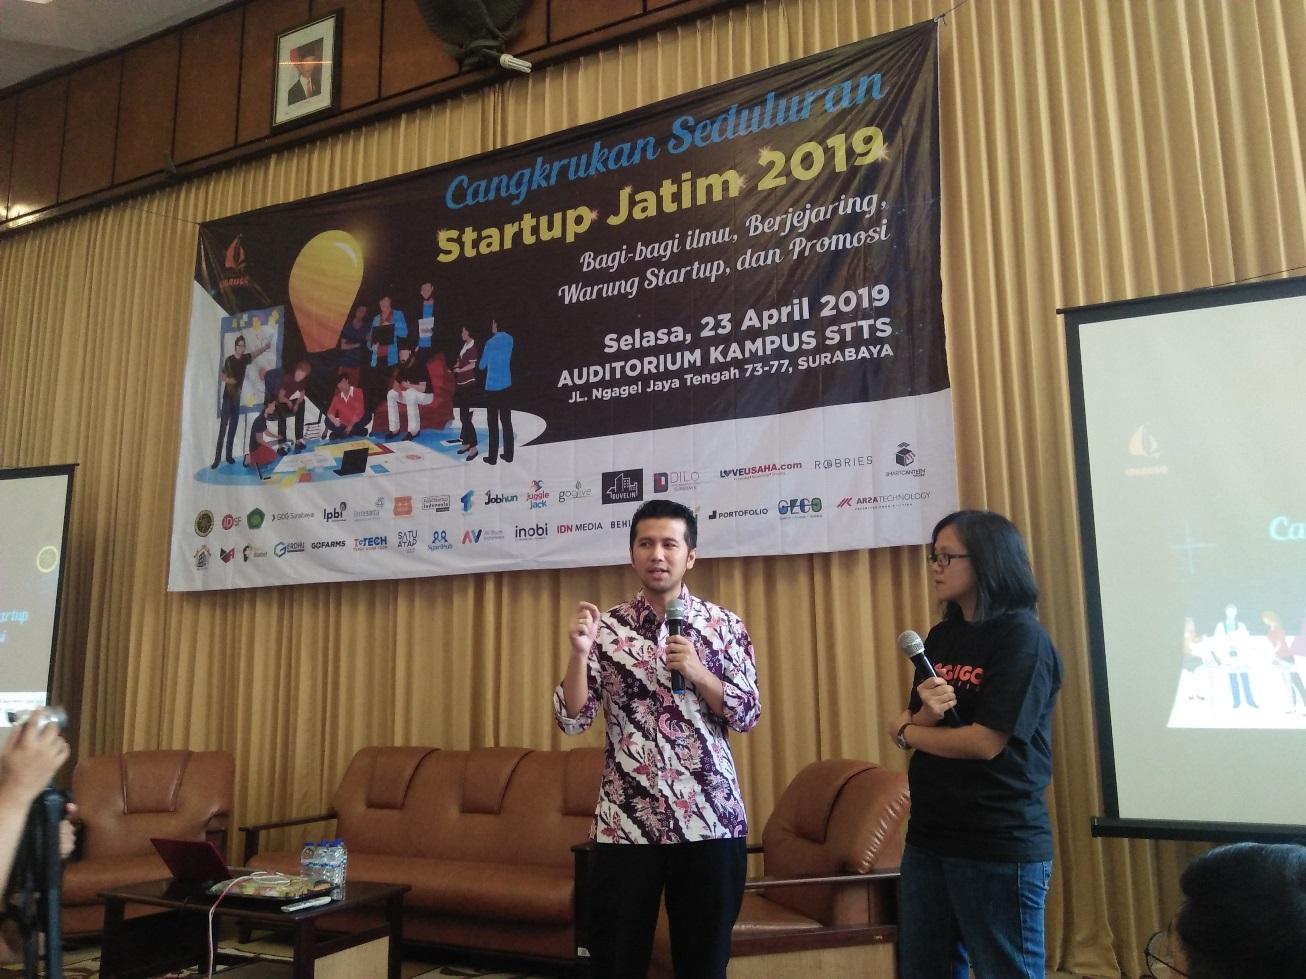 Emil Dorong Milenial Perbanyak Startup untuk Kembangkan SDM Jatim